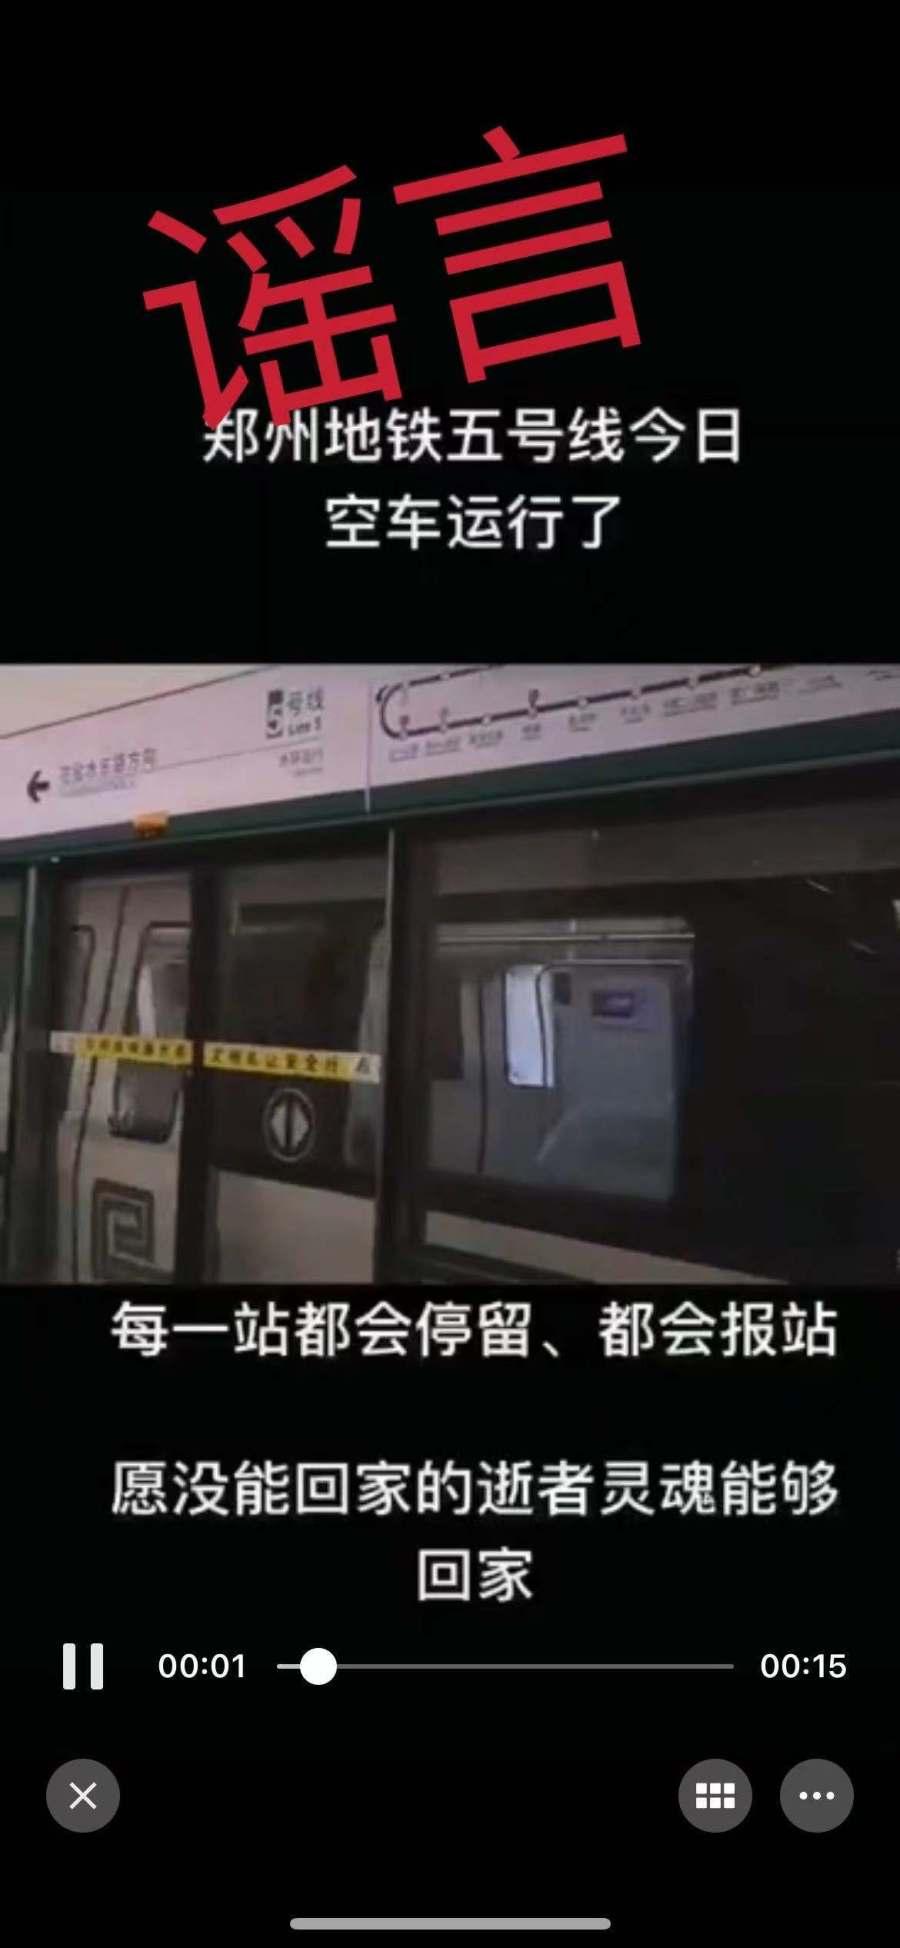 """辟谣!网传""""郑州地铁5号线车厢被拖出""""、""""空车运行""""均系虚假消息"""